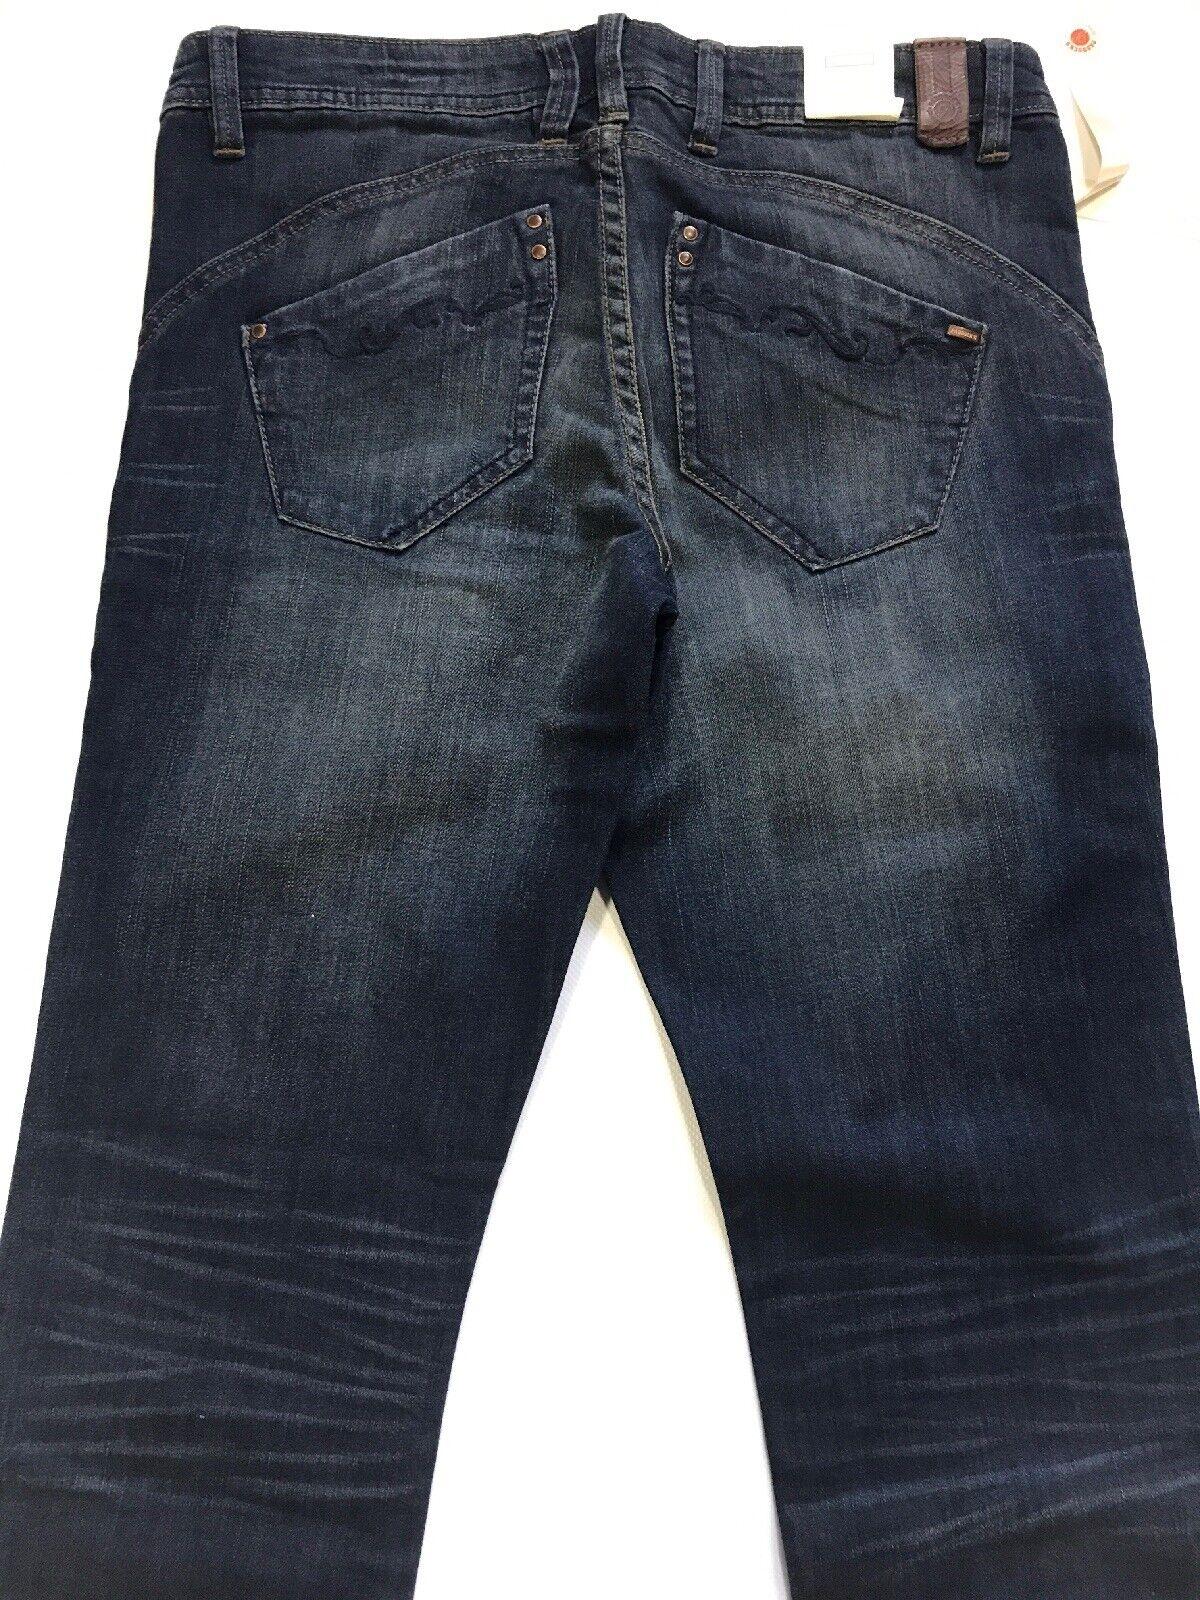 Paddock'S jeans donna SIM SIM SIM FIT Lilly dimensioni 28 30 29 28 29 30 30 30 31 28 31 30 dc5061